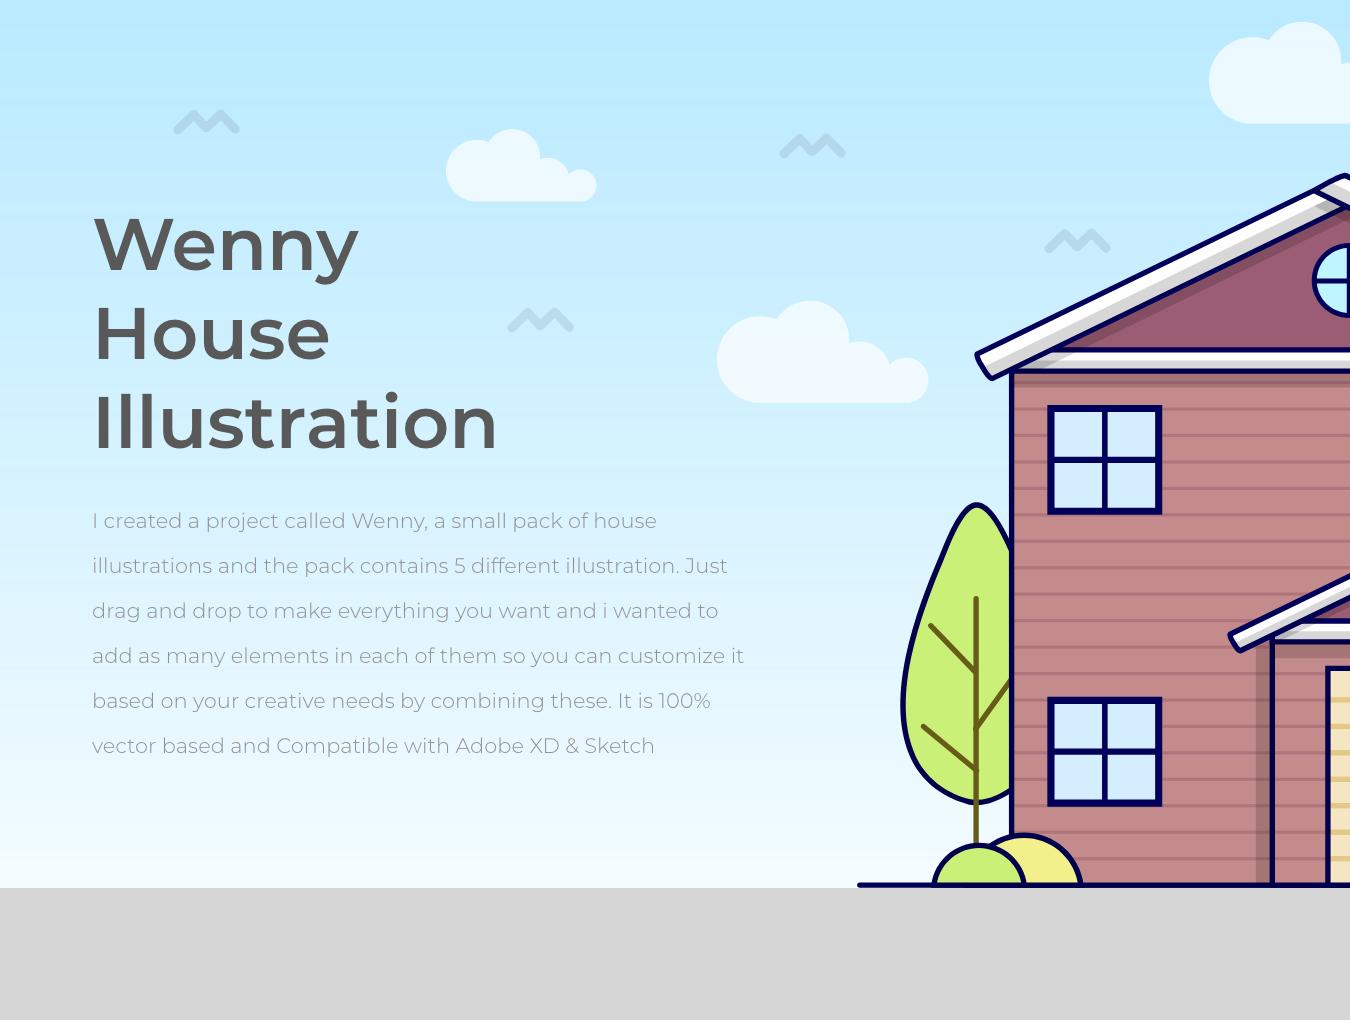 5款温馨的房屋建筑矢量插图 Wenny House Illustrations插图(2)